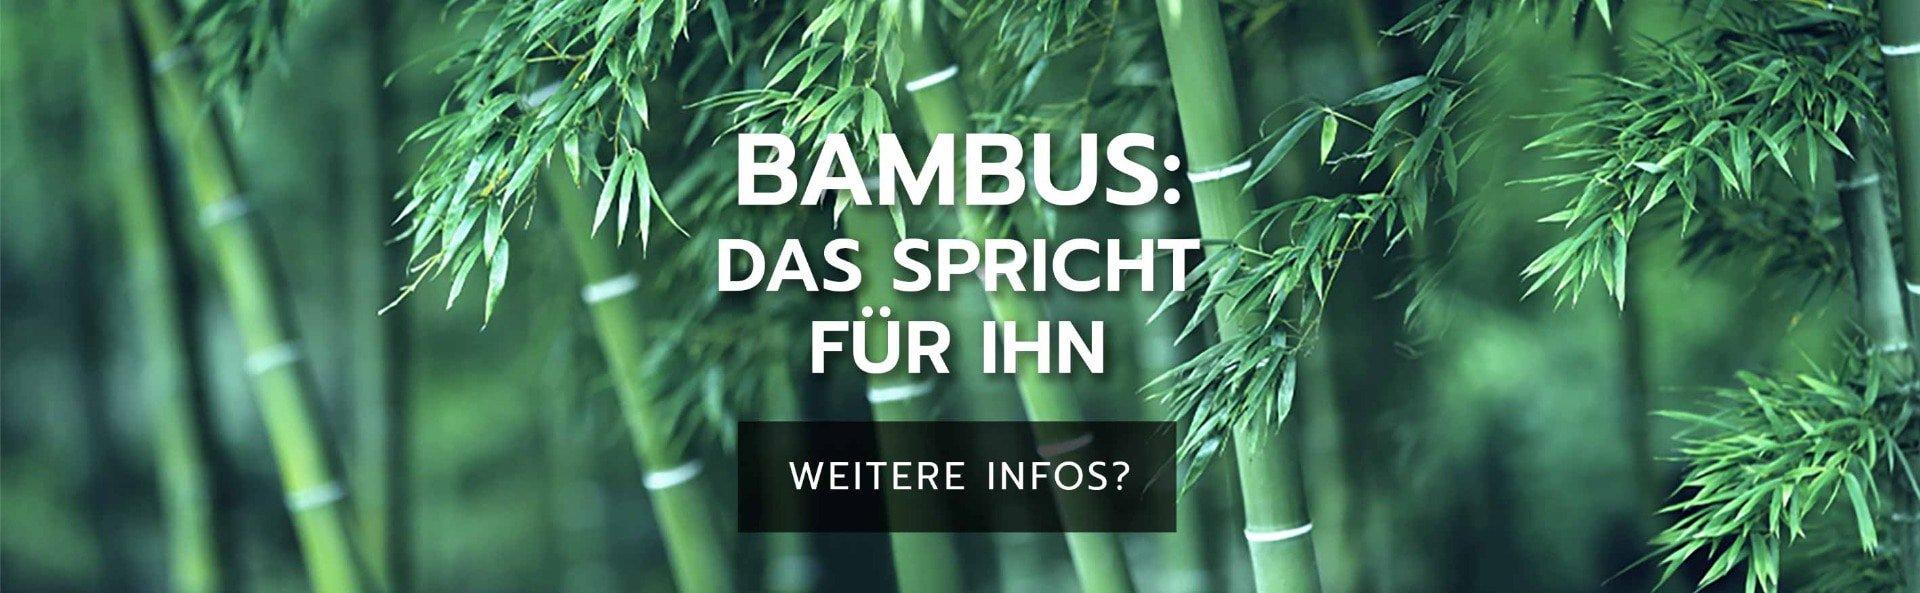 Bambus: Das spricht für Ihn